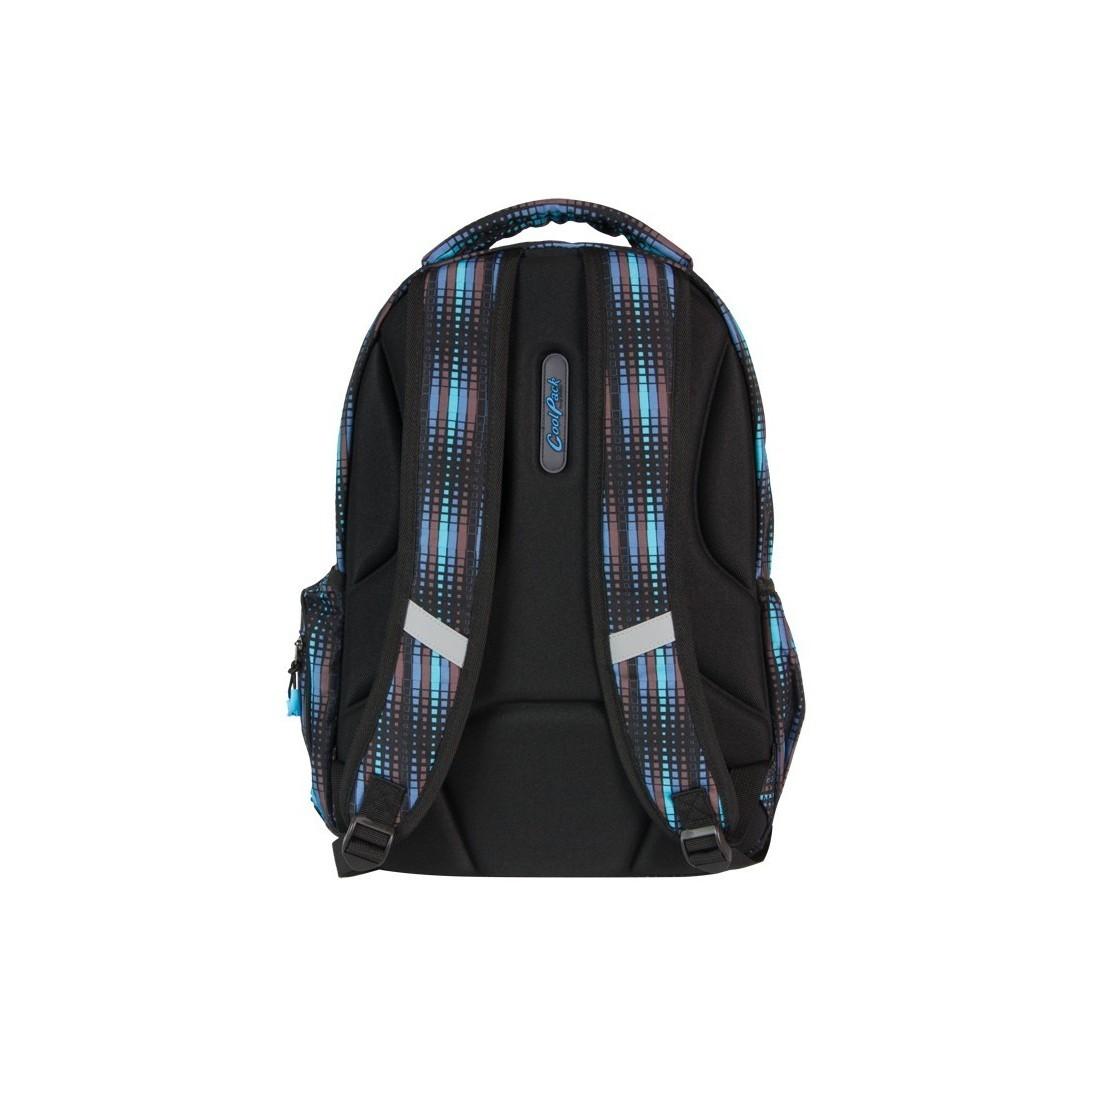 PLECAK MŁODZIEŻOWY COOLPACK BREAK BLUE FLASH CP 230 - plecak-tornister.pl